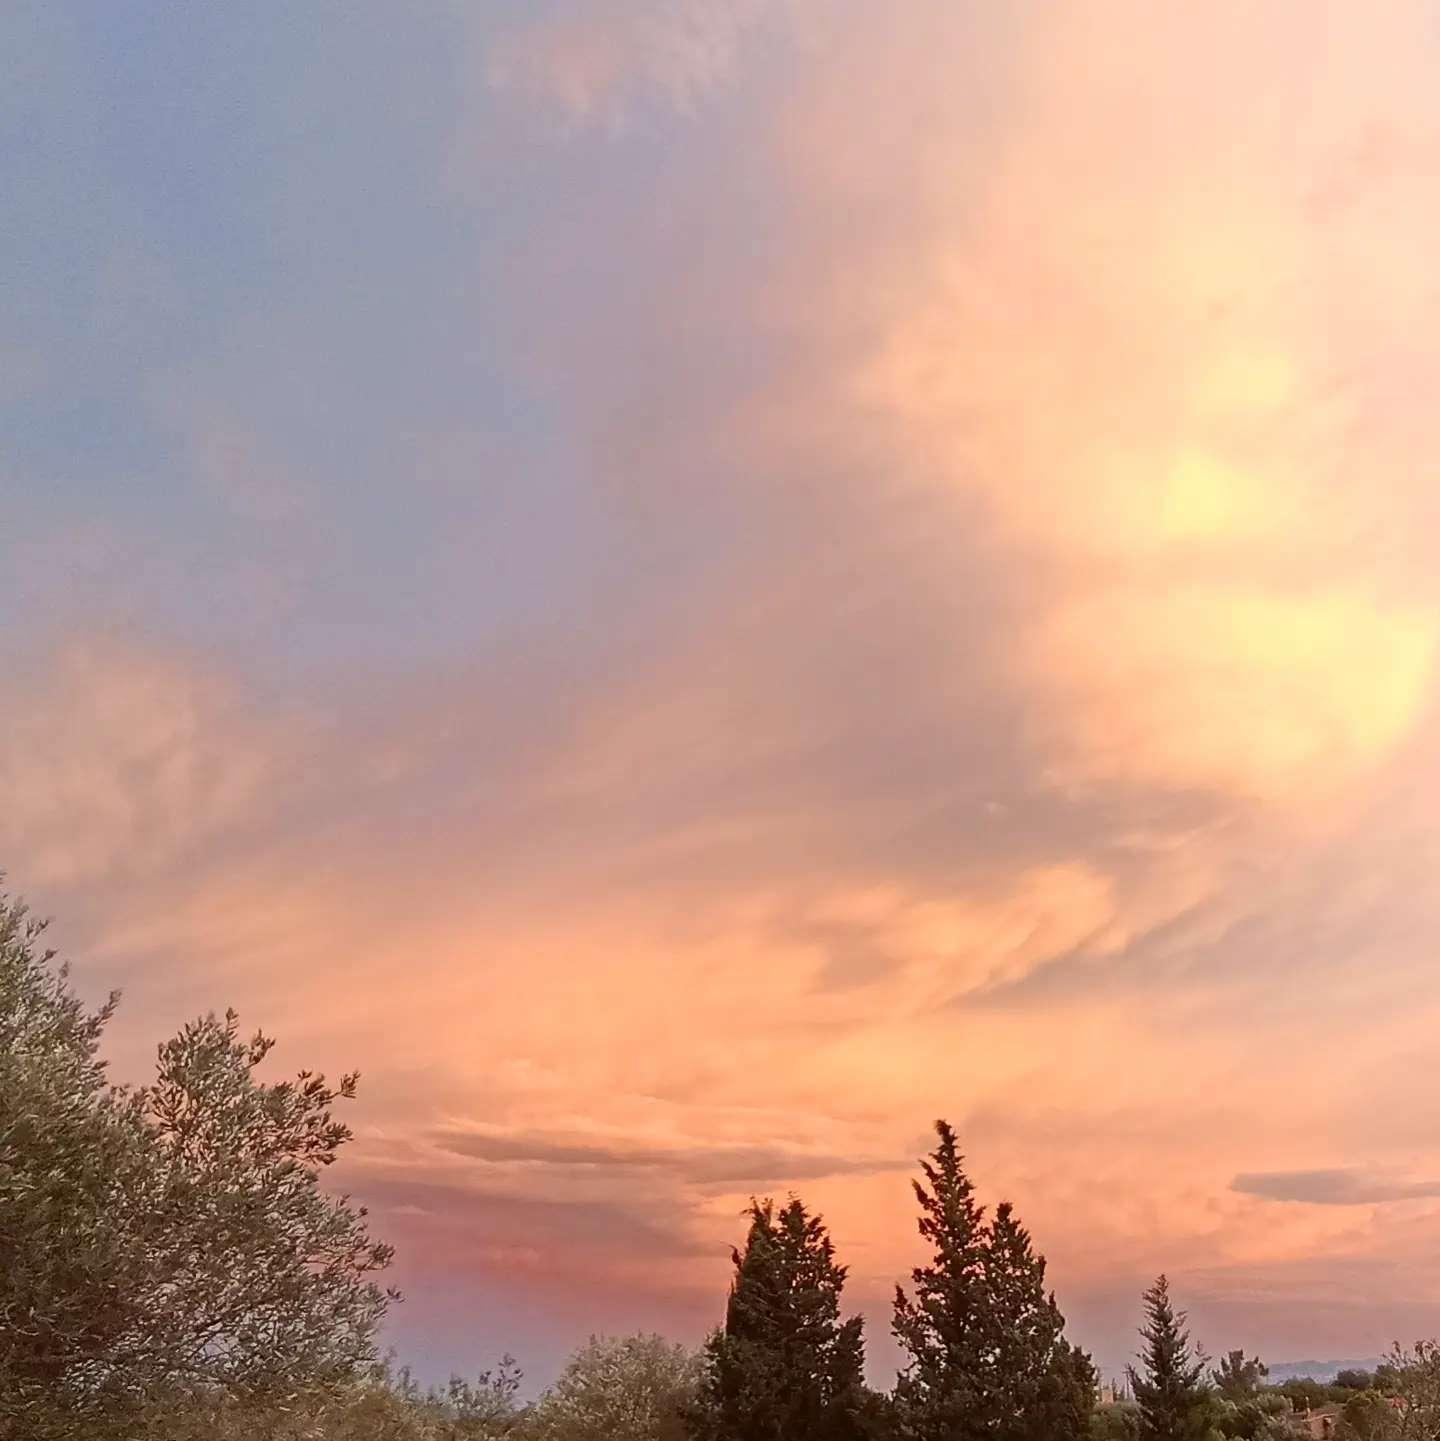 """Nubes pintadas o reales. Cuando la naturaleza nos ofrece la posibilidad de observar y disfrutar de su """"arte""""#arte #artesania #deunoenuno #nubes #naturaleza #formas #colores"""